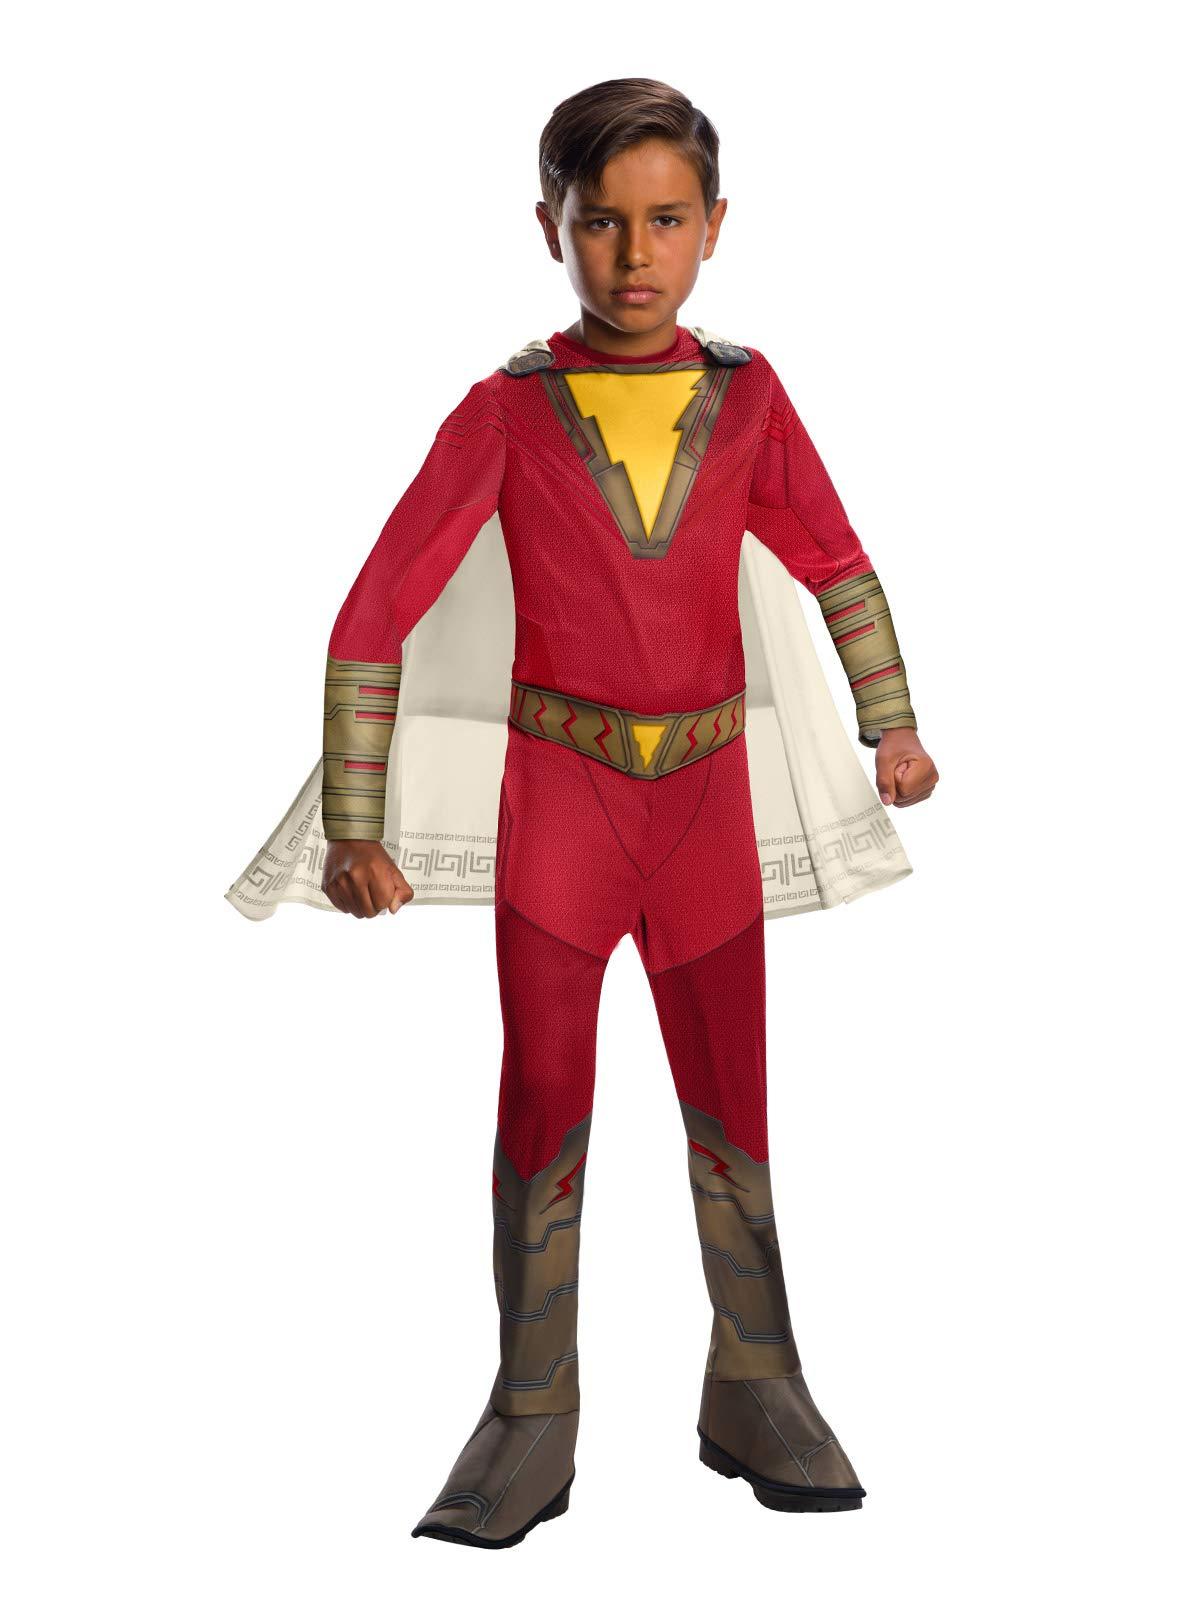 Rubie's 700707_M Movie Child's Shazam Costume, Medium, As As Shown